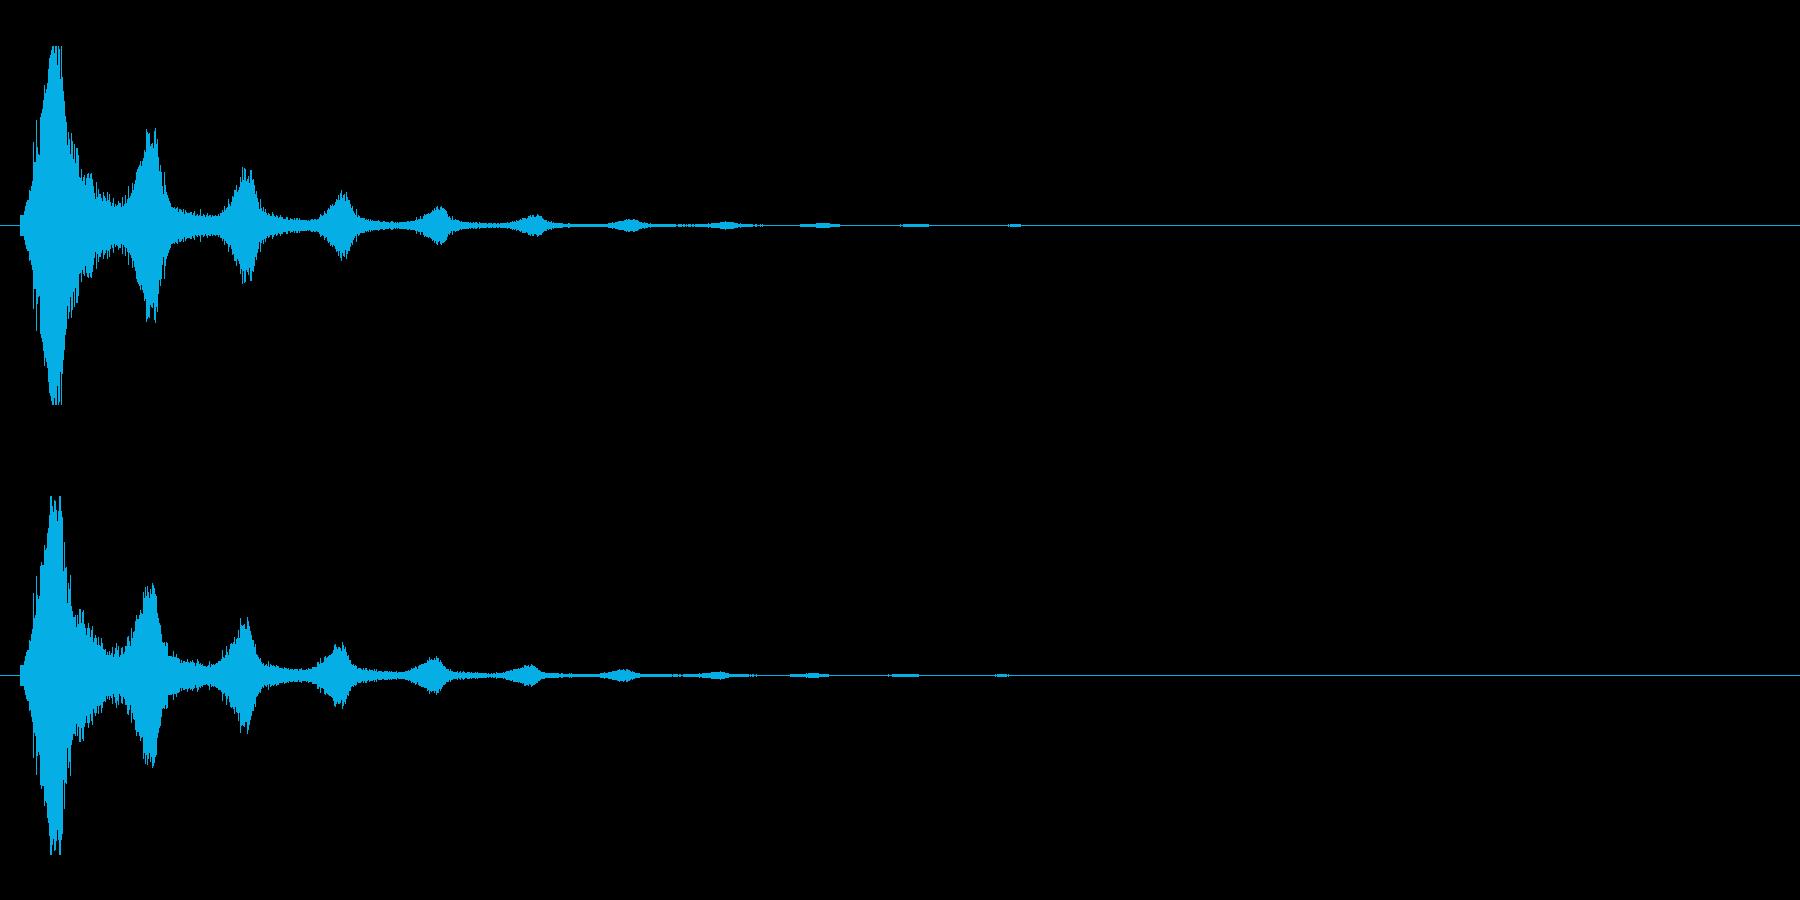 レーザー音-154-2の再生済みの波形